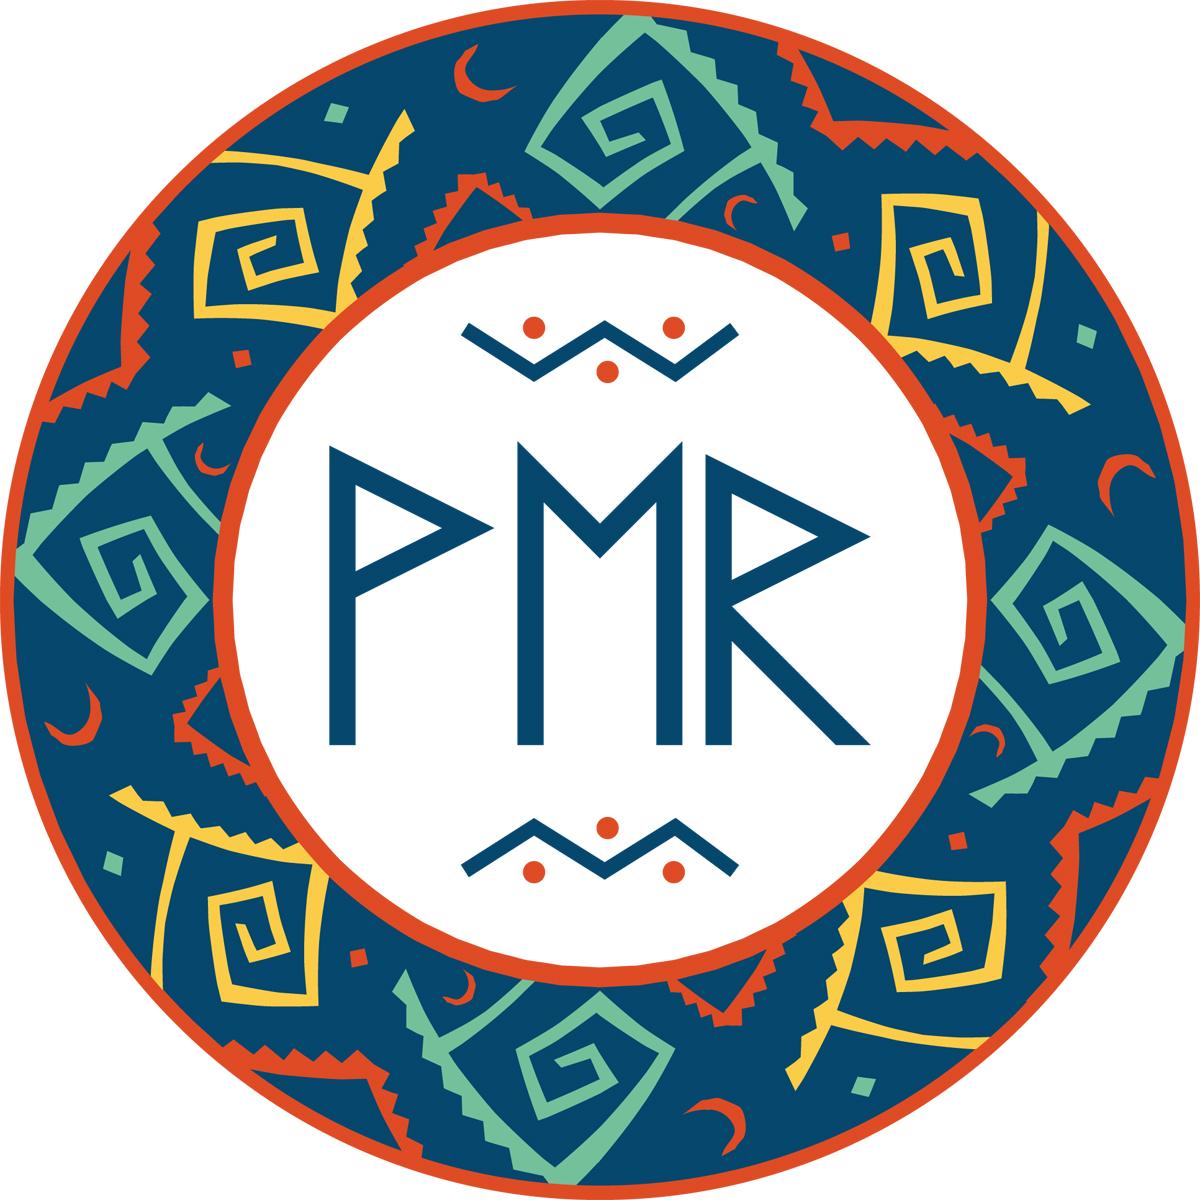 PMR.lt